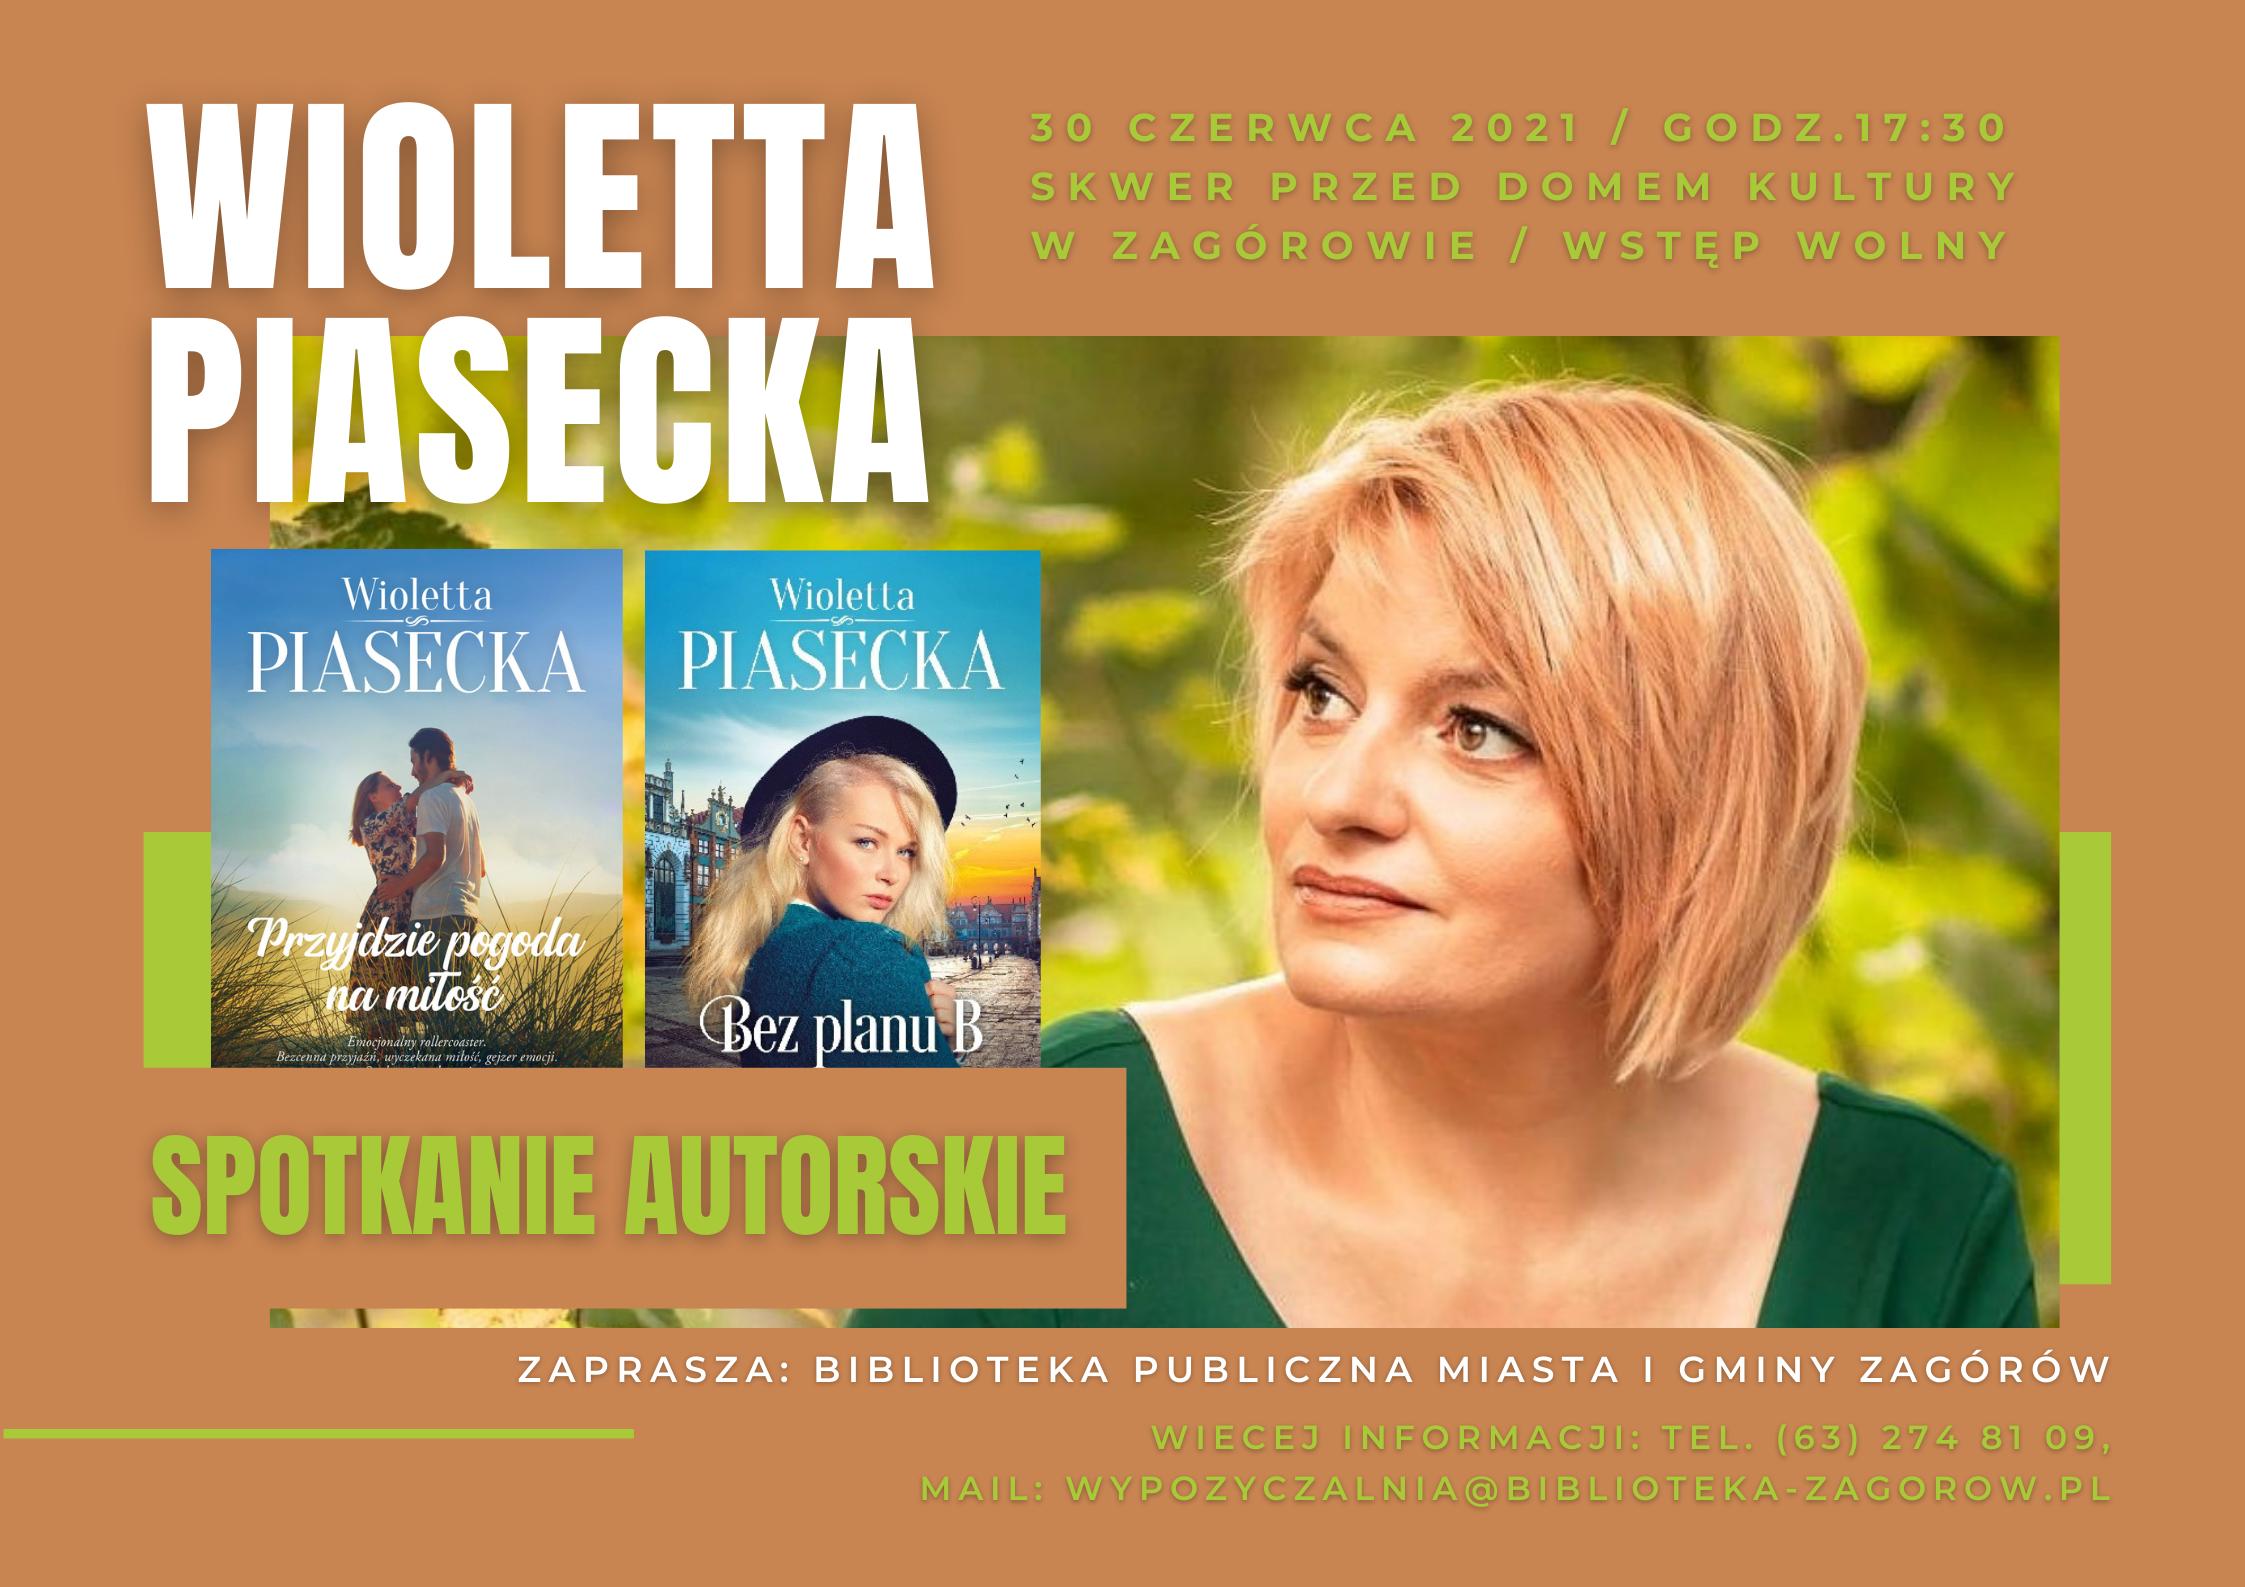 Plakat informujący o spotkaniu autorskim z Wiolettą Piasecką 30czerwca o godzinie 17:30 na skwerze przed budynkiem GOK w Zagórowie. Po prawej okładki dwóch książek pisarki, po lewej zdjęcie portretowe blondynki w średnim wieku w zielonej bluzce.